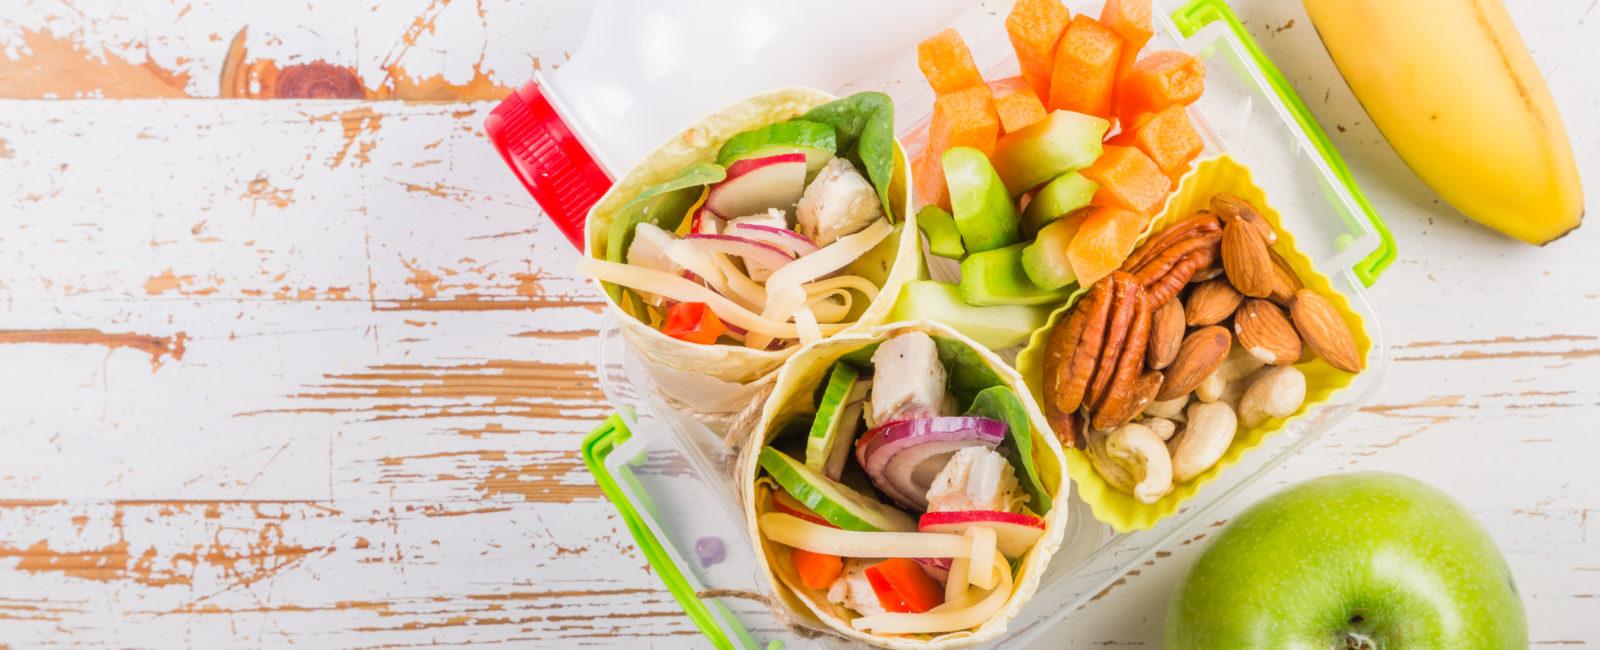 Dieses Essen macht deinen Darm glücklich!